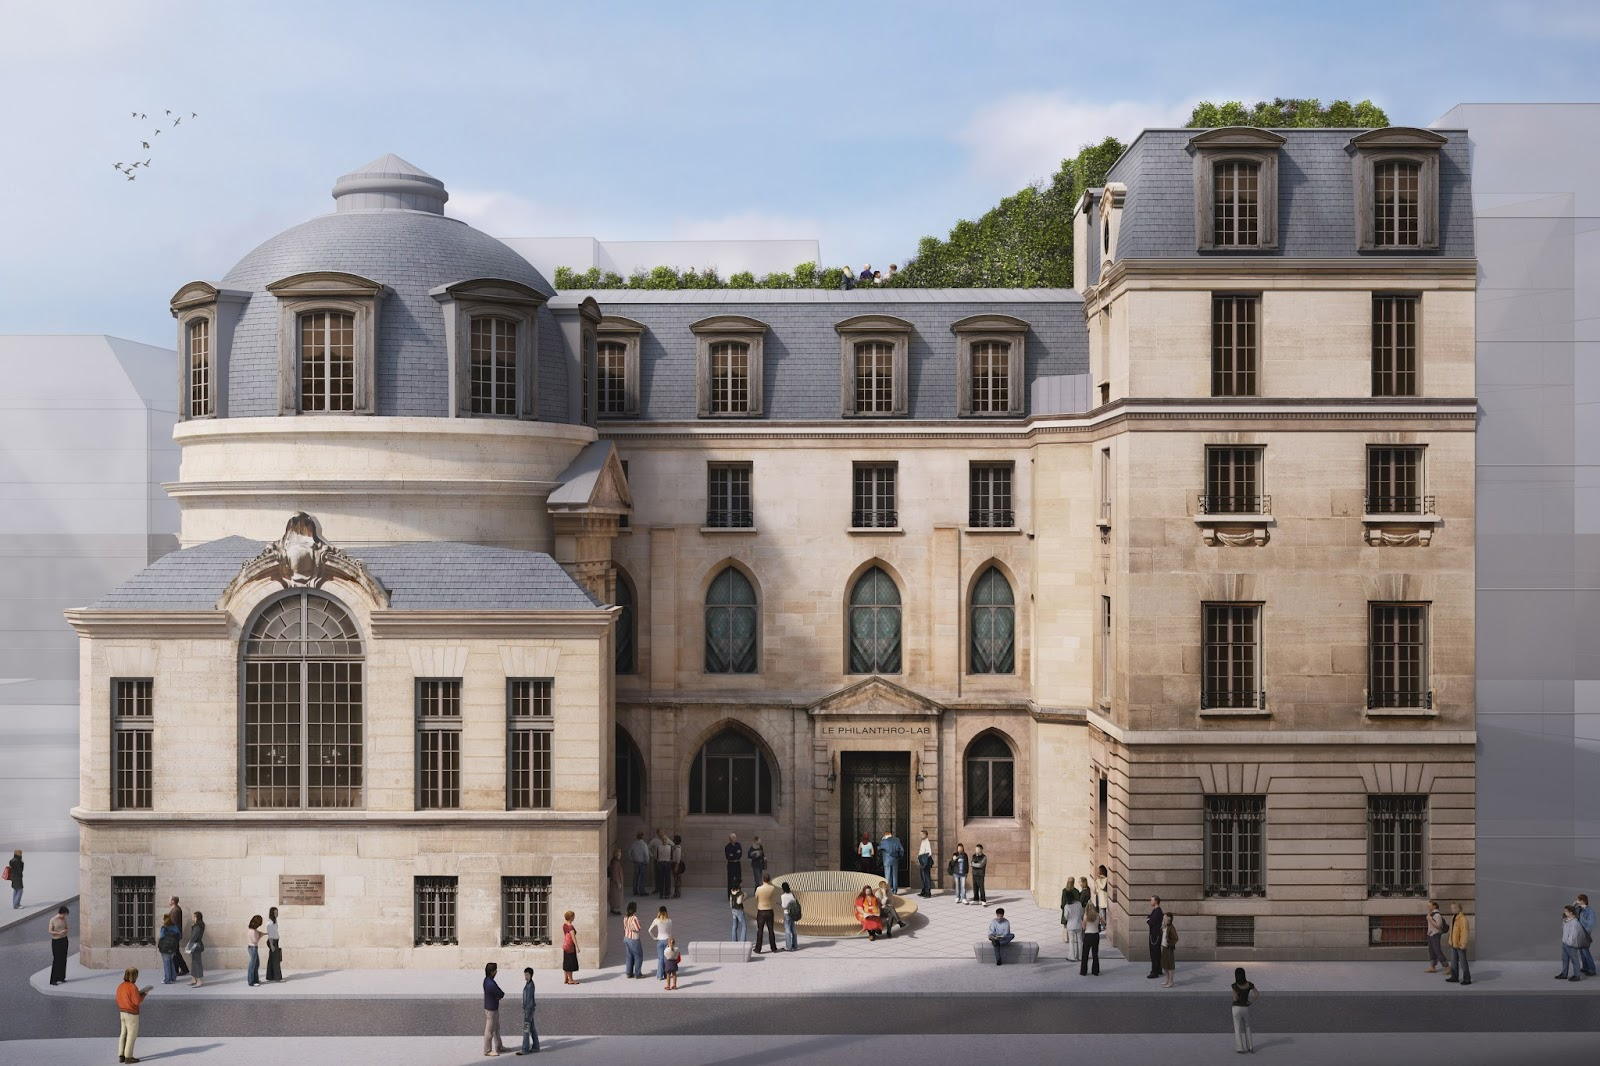 Laureat du concours r inventer paris pour l 39 h tel de la b cherie perro - Les hotels particuliers ...